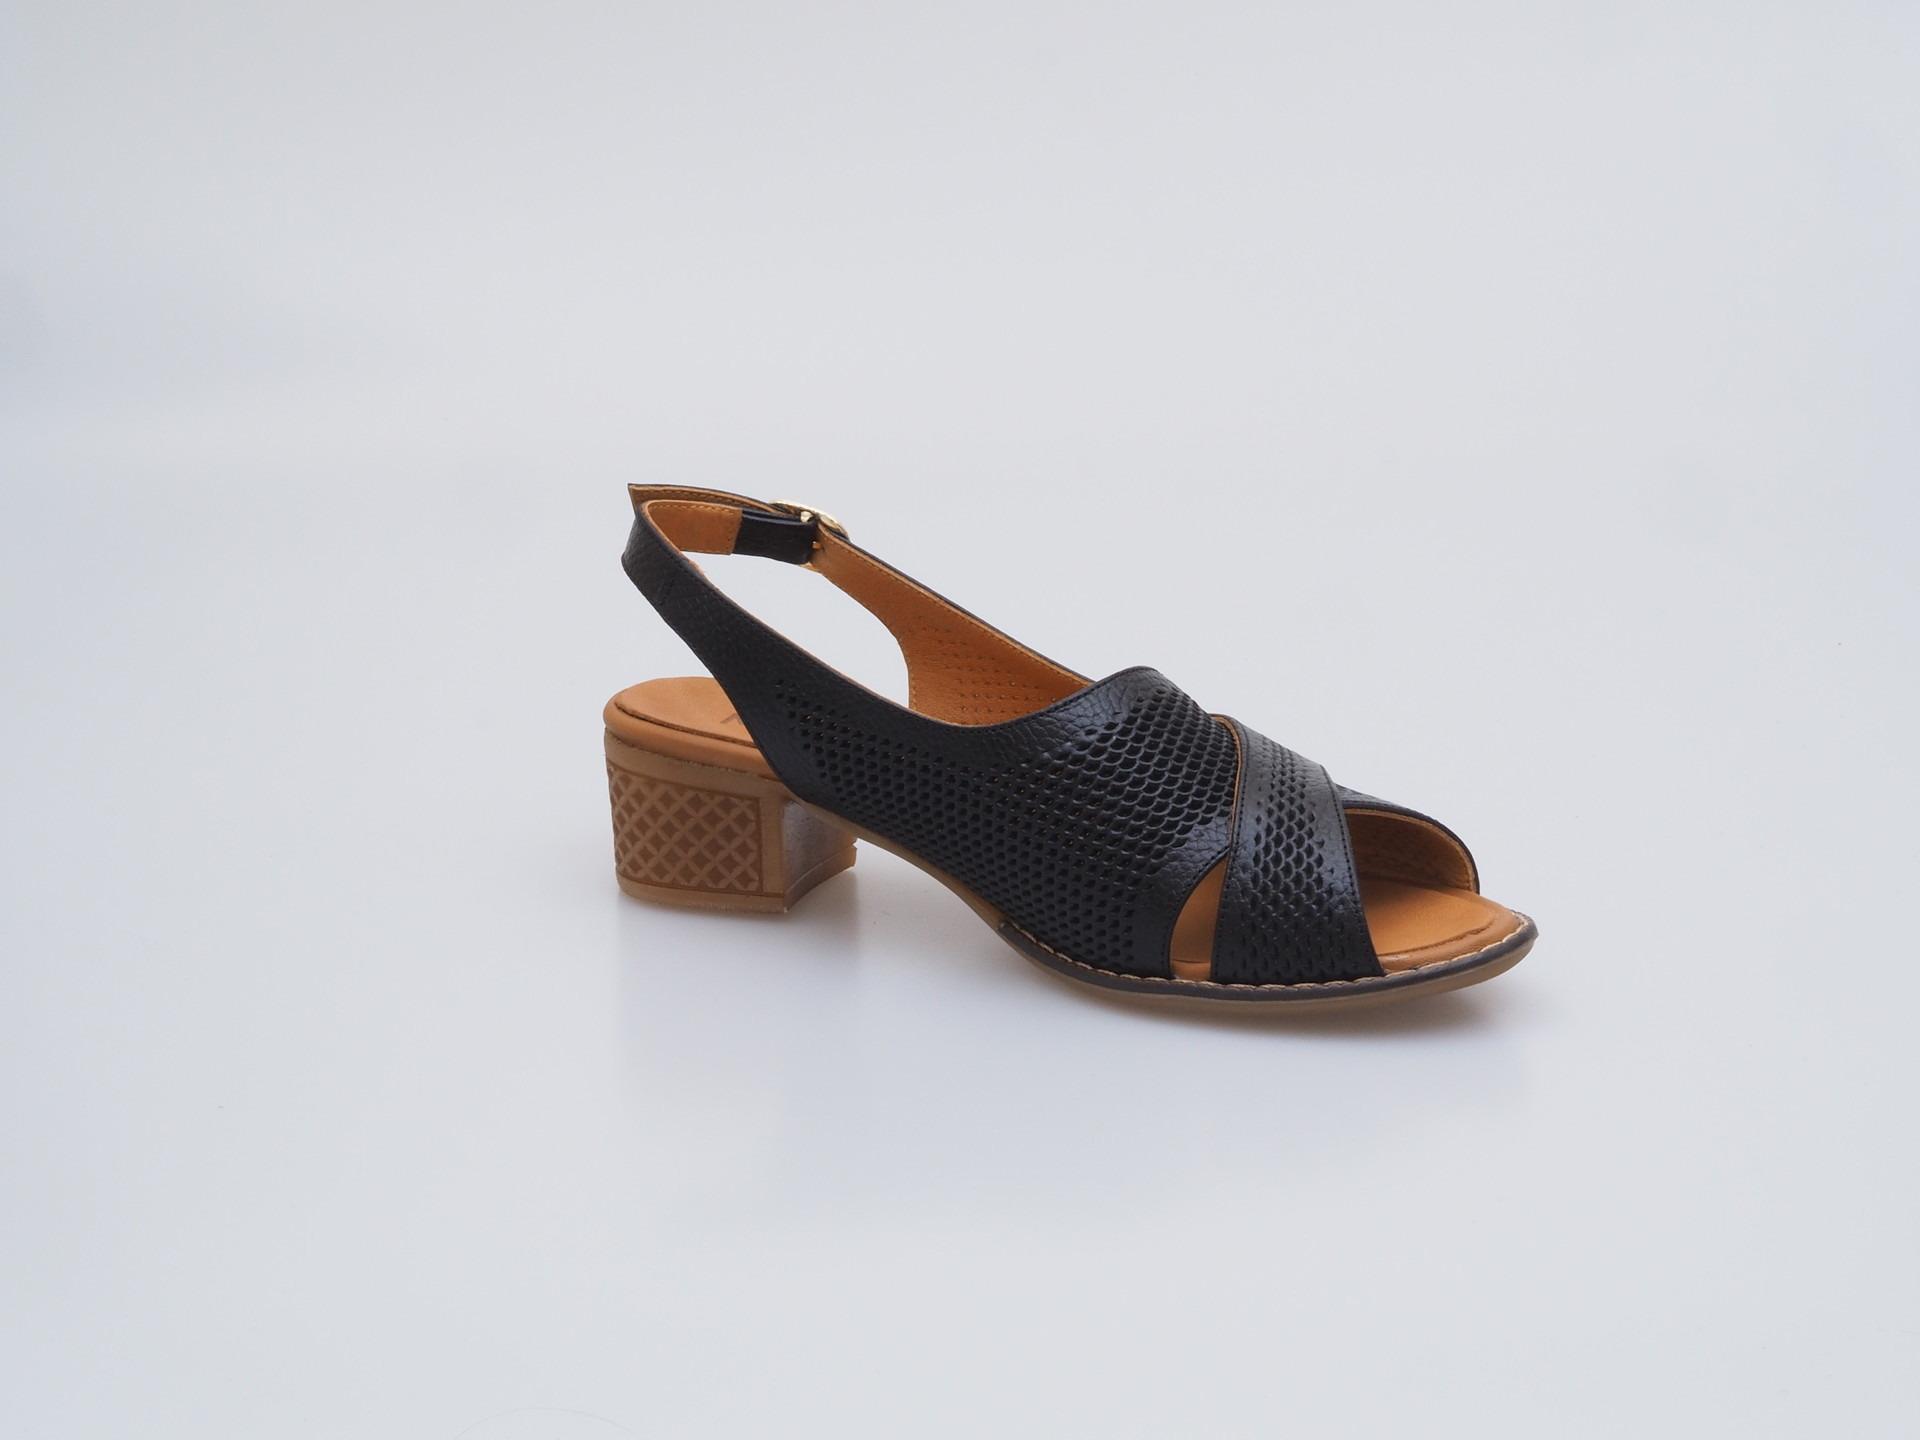 83729101e0fe Soňa - Dámska obuv - Sandále - Čierna dámska sandála